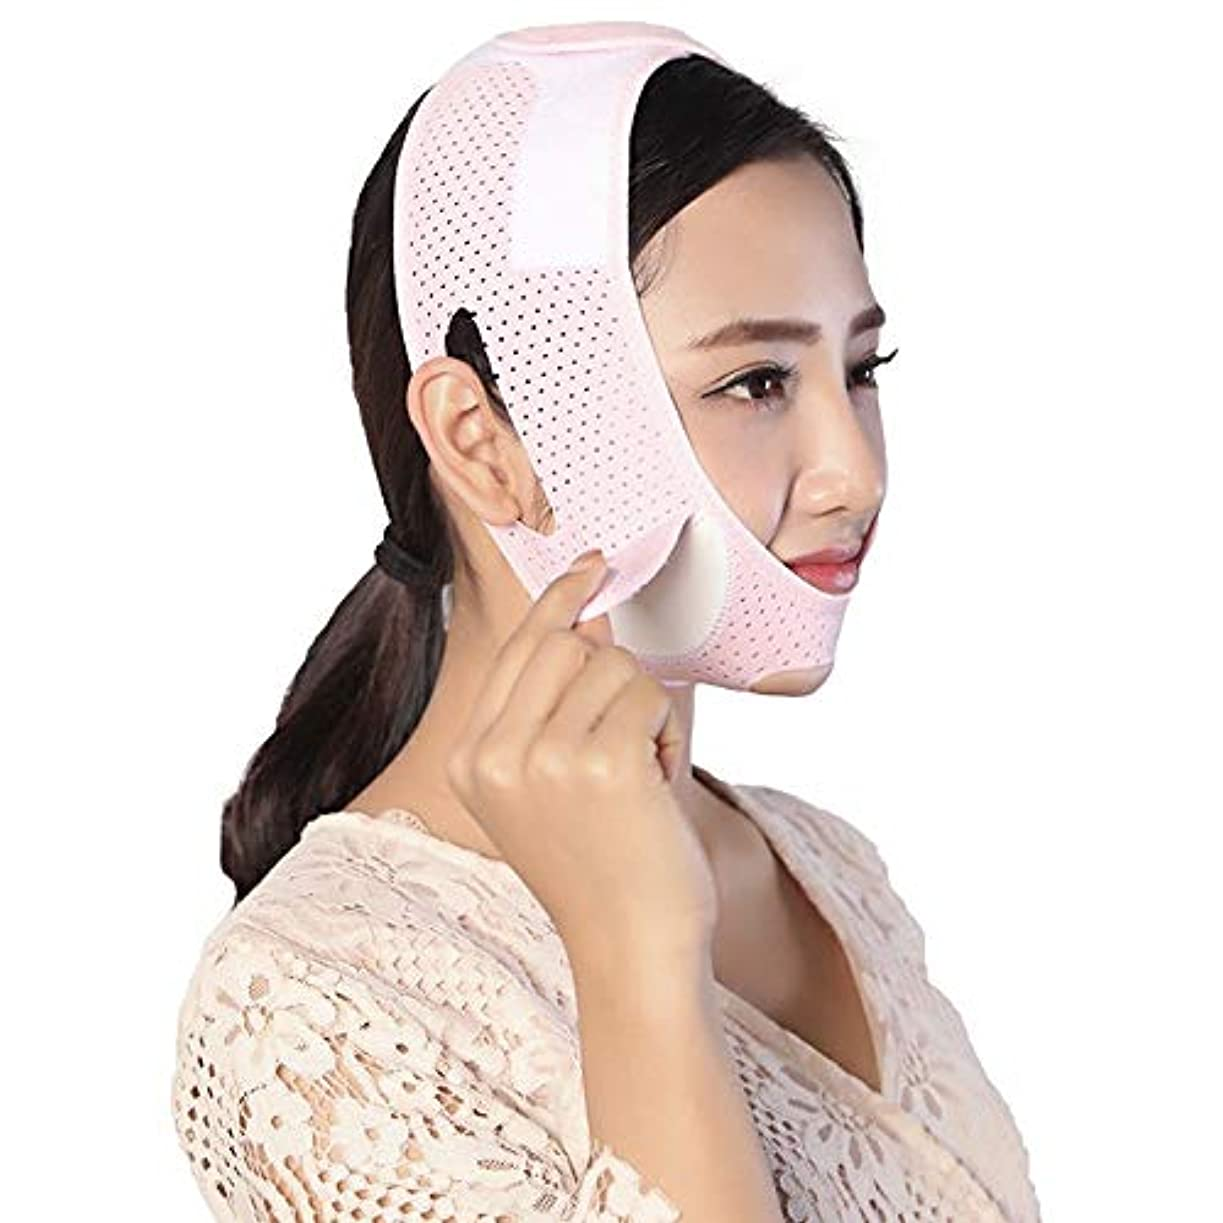 炭水化物キロメートルくすぐったいMinmin フェイシャルリフティング痩身ベルト - 圧縮二重あご減量ベルトスキンケア薄い顔包帯 みんみんVラインフェイスマスク